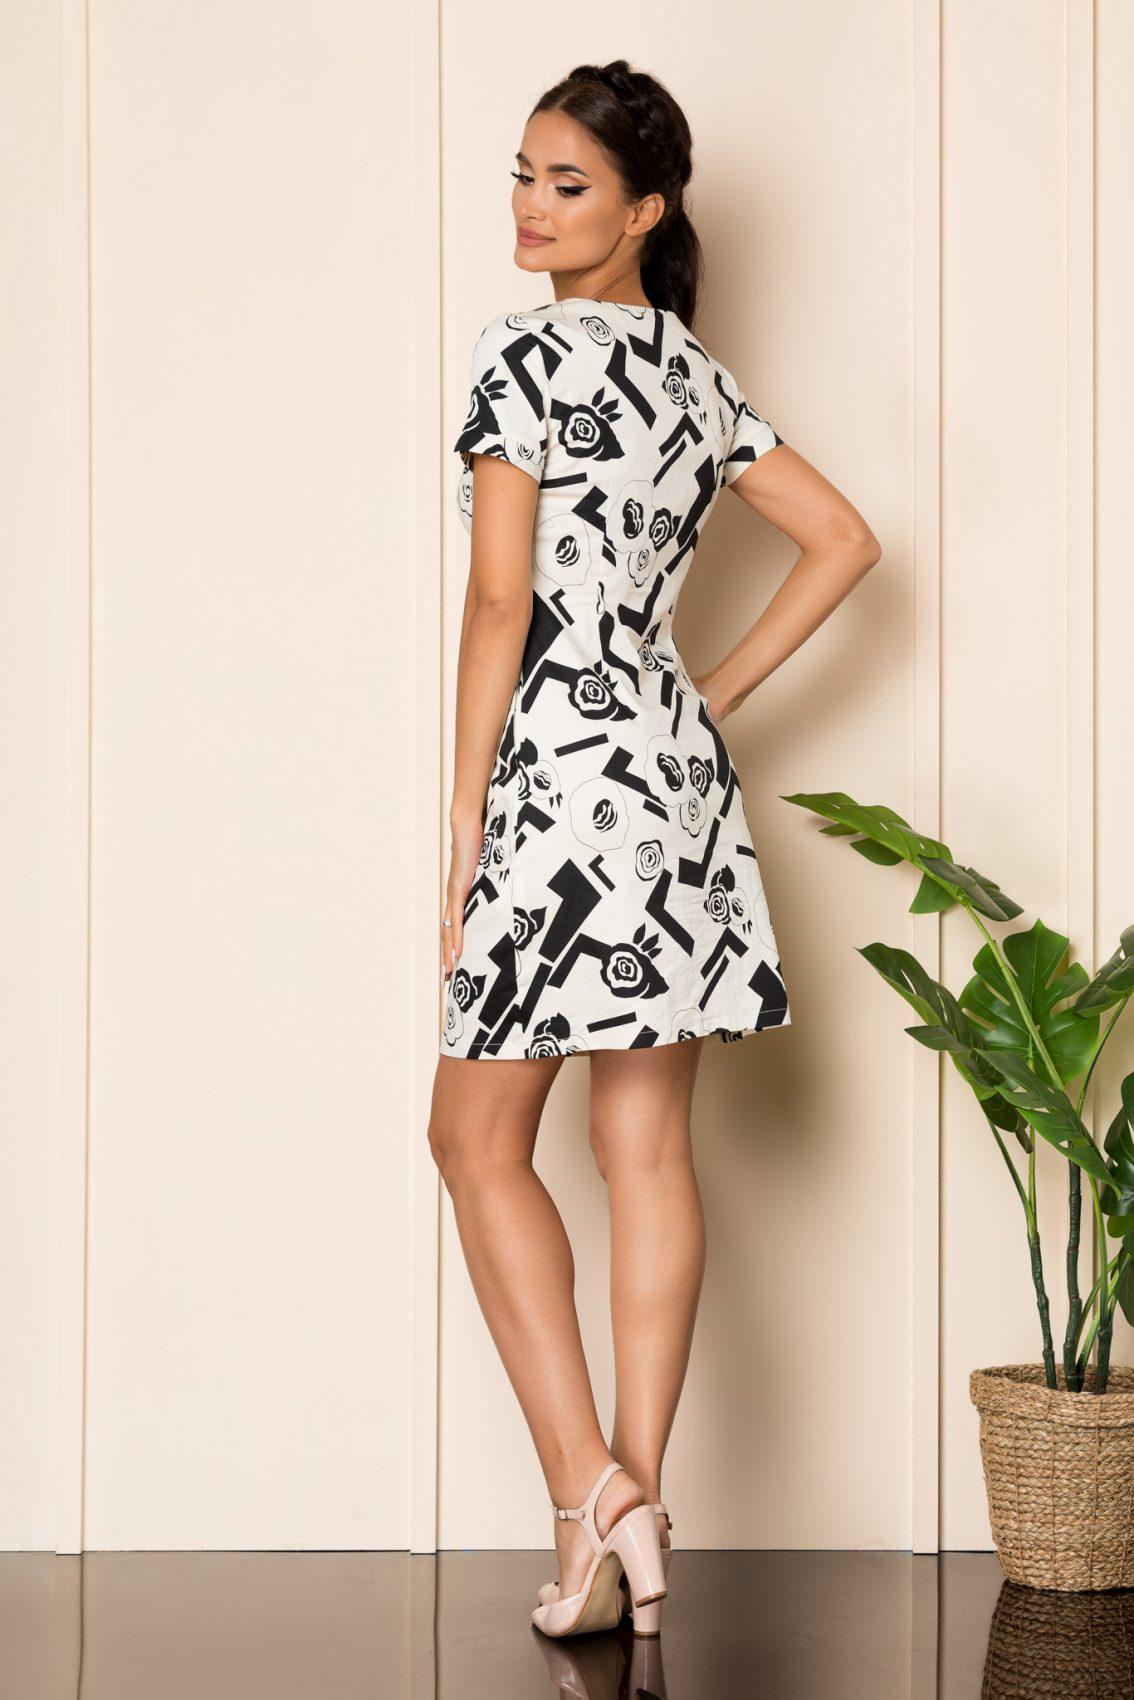 Ασπρόμαυρο Φόρεμα Σε Γραμμή Άλφα Carly A804 2